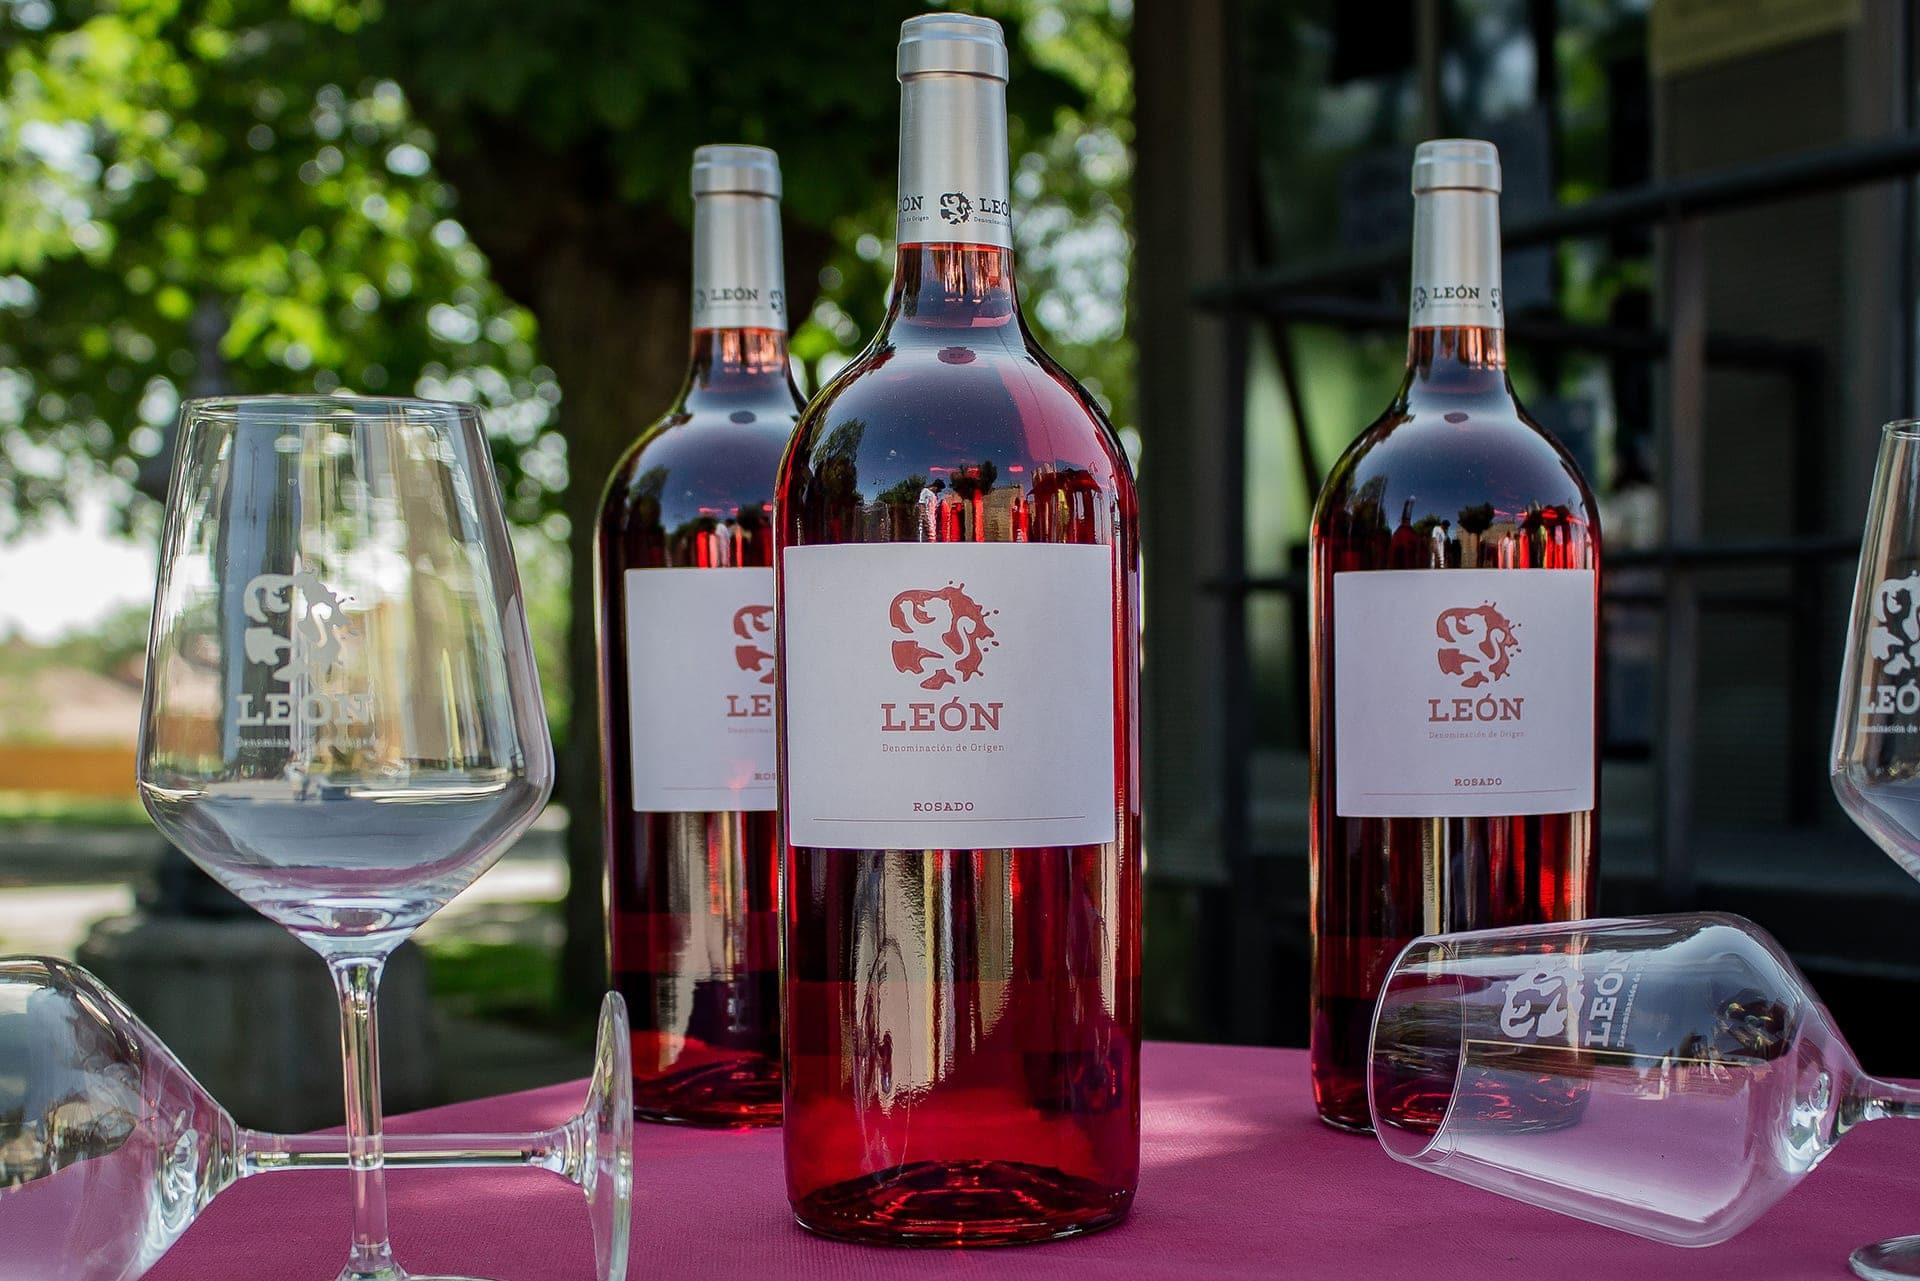 Vino de León. Botellas de vino DO León rosado.